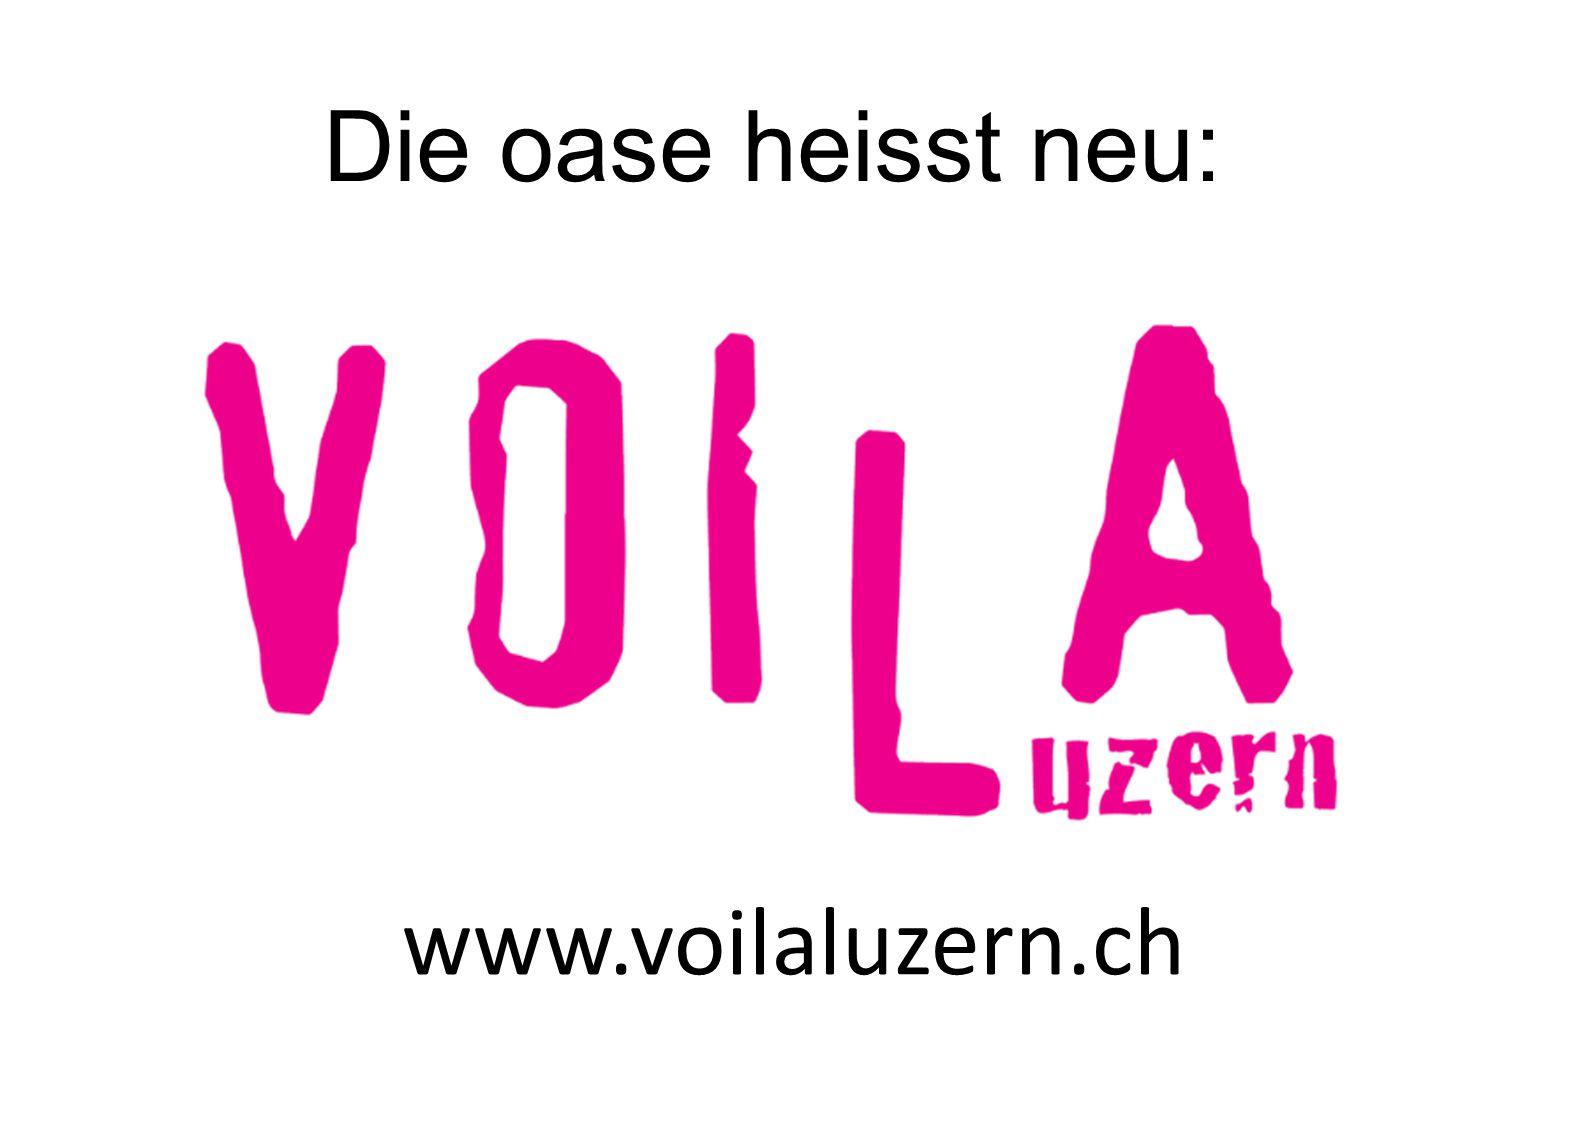 Die oase heisst neu: www.voilaluzern.ch